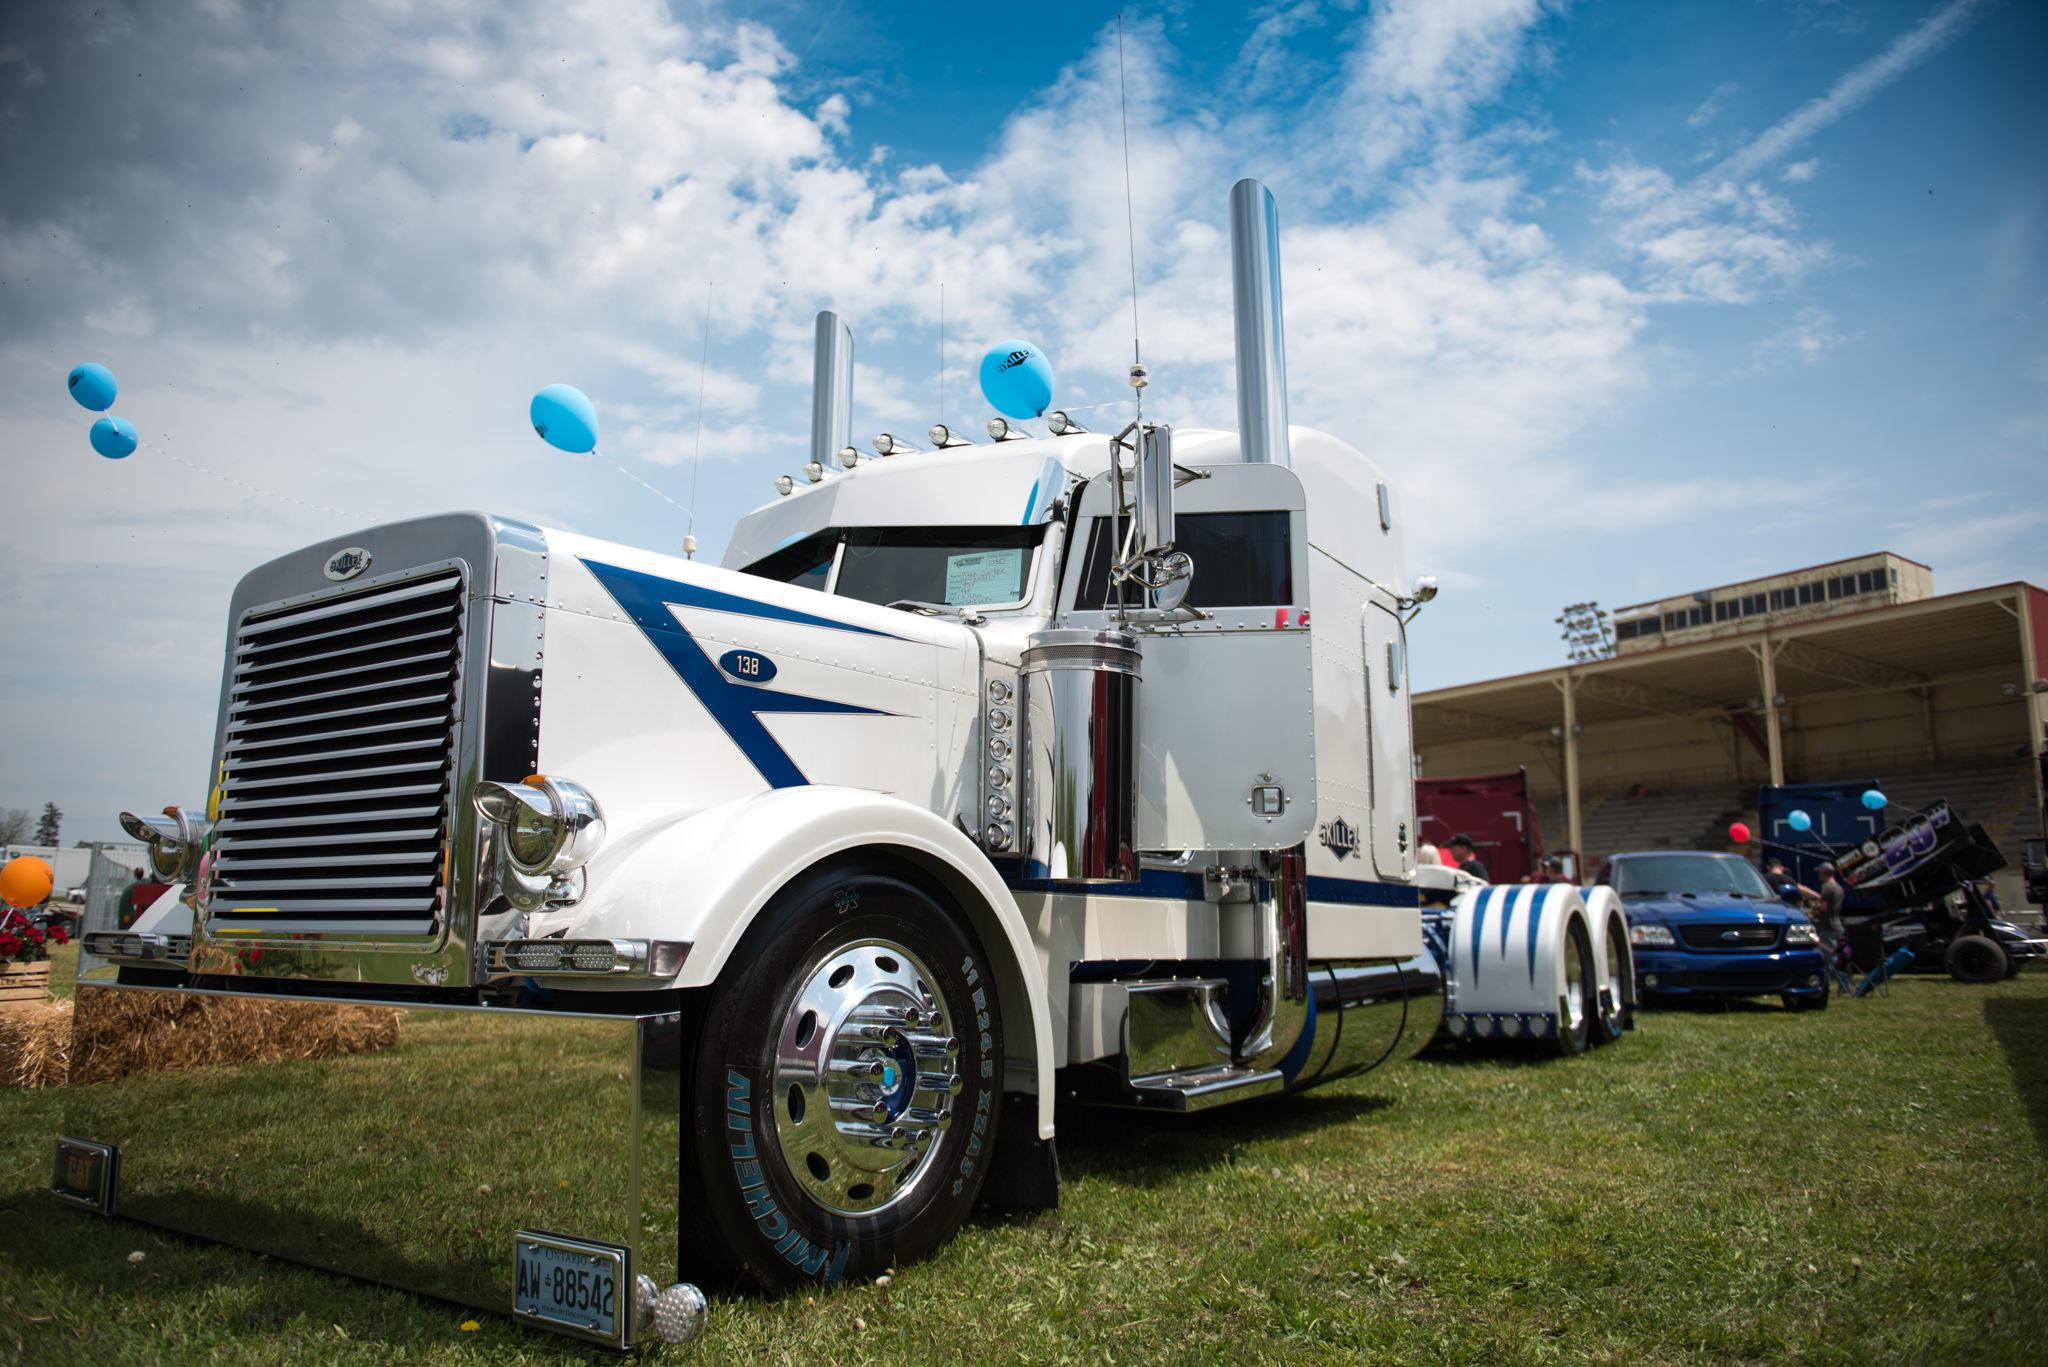 Truck Show Shots (38 of 45).jpg